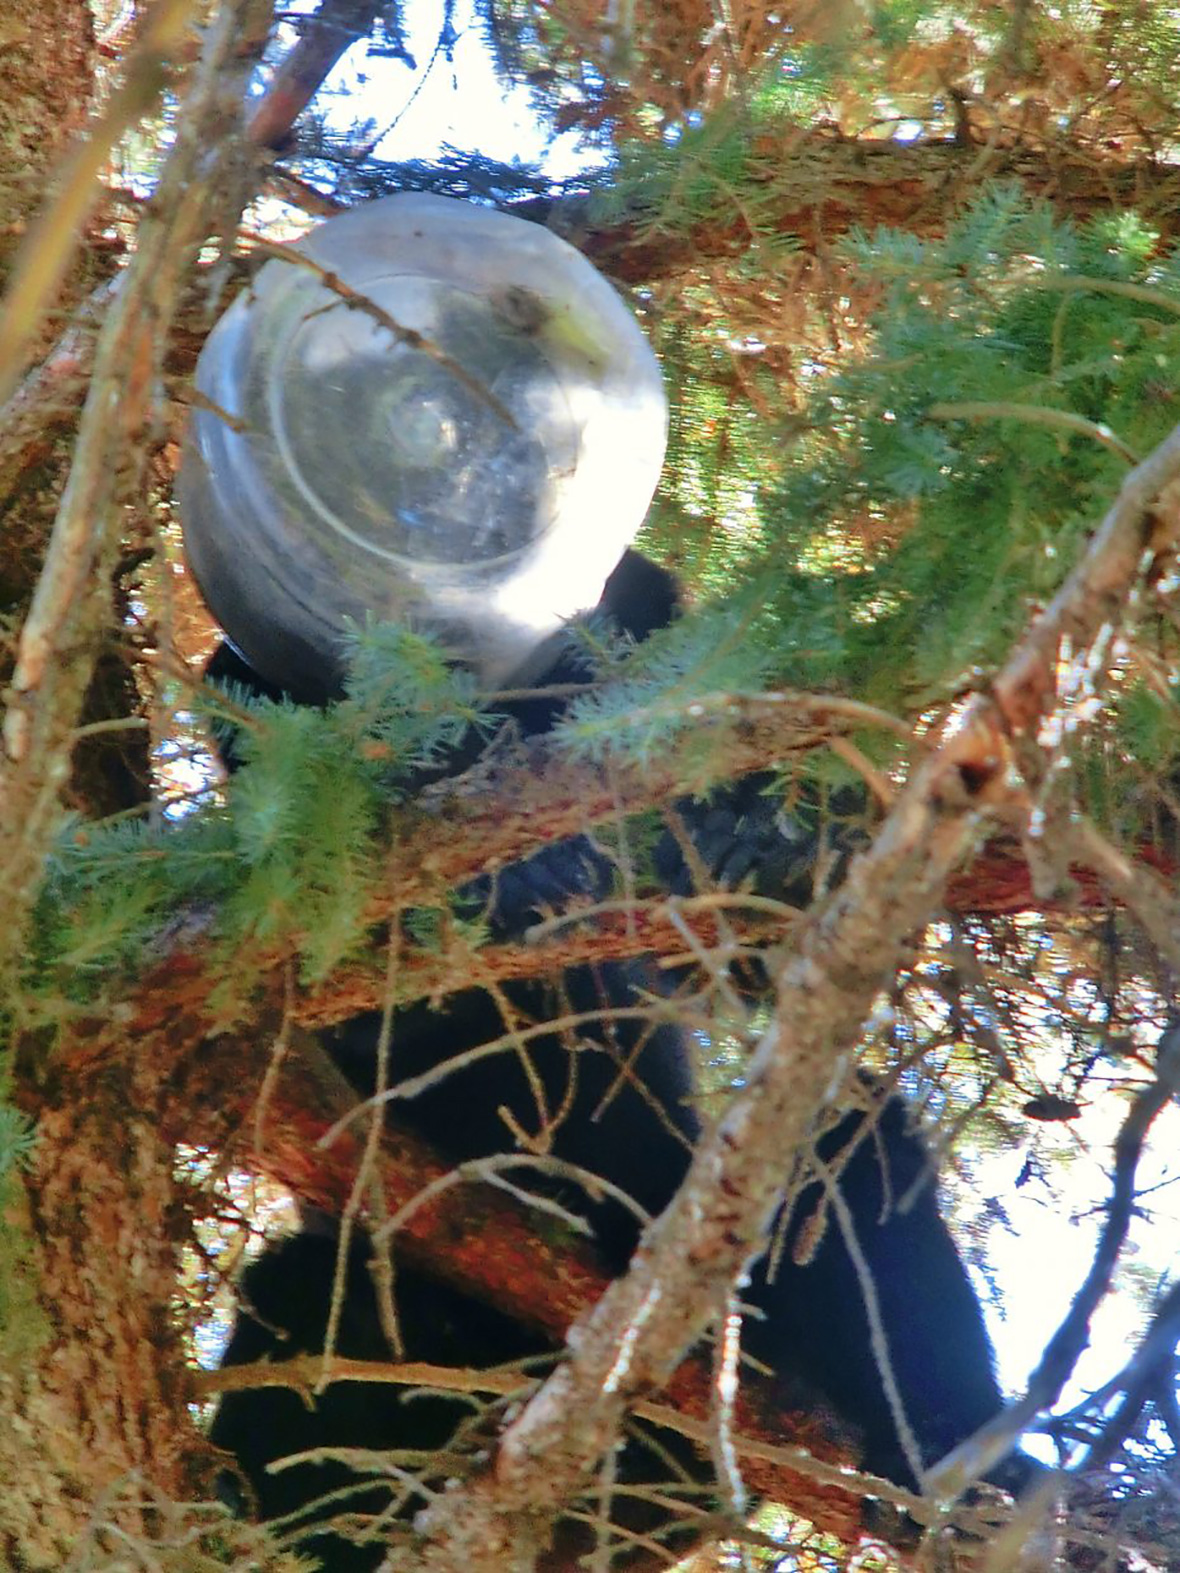 Bear cheeseballs jar